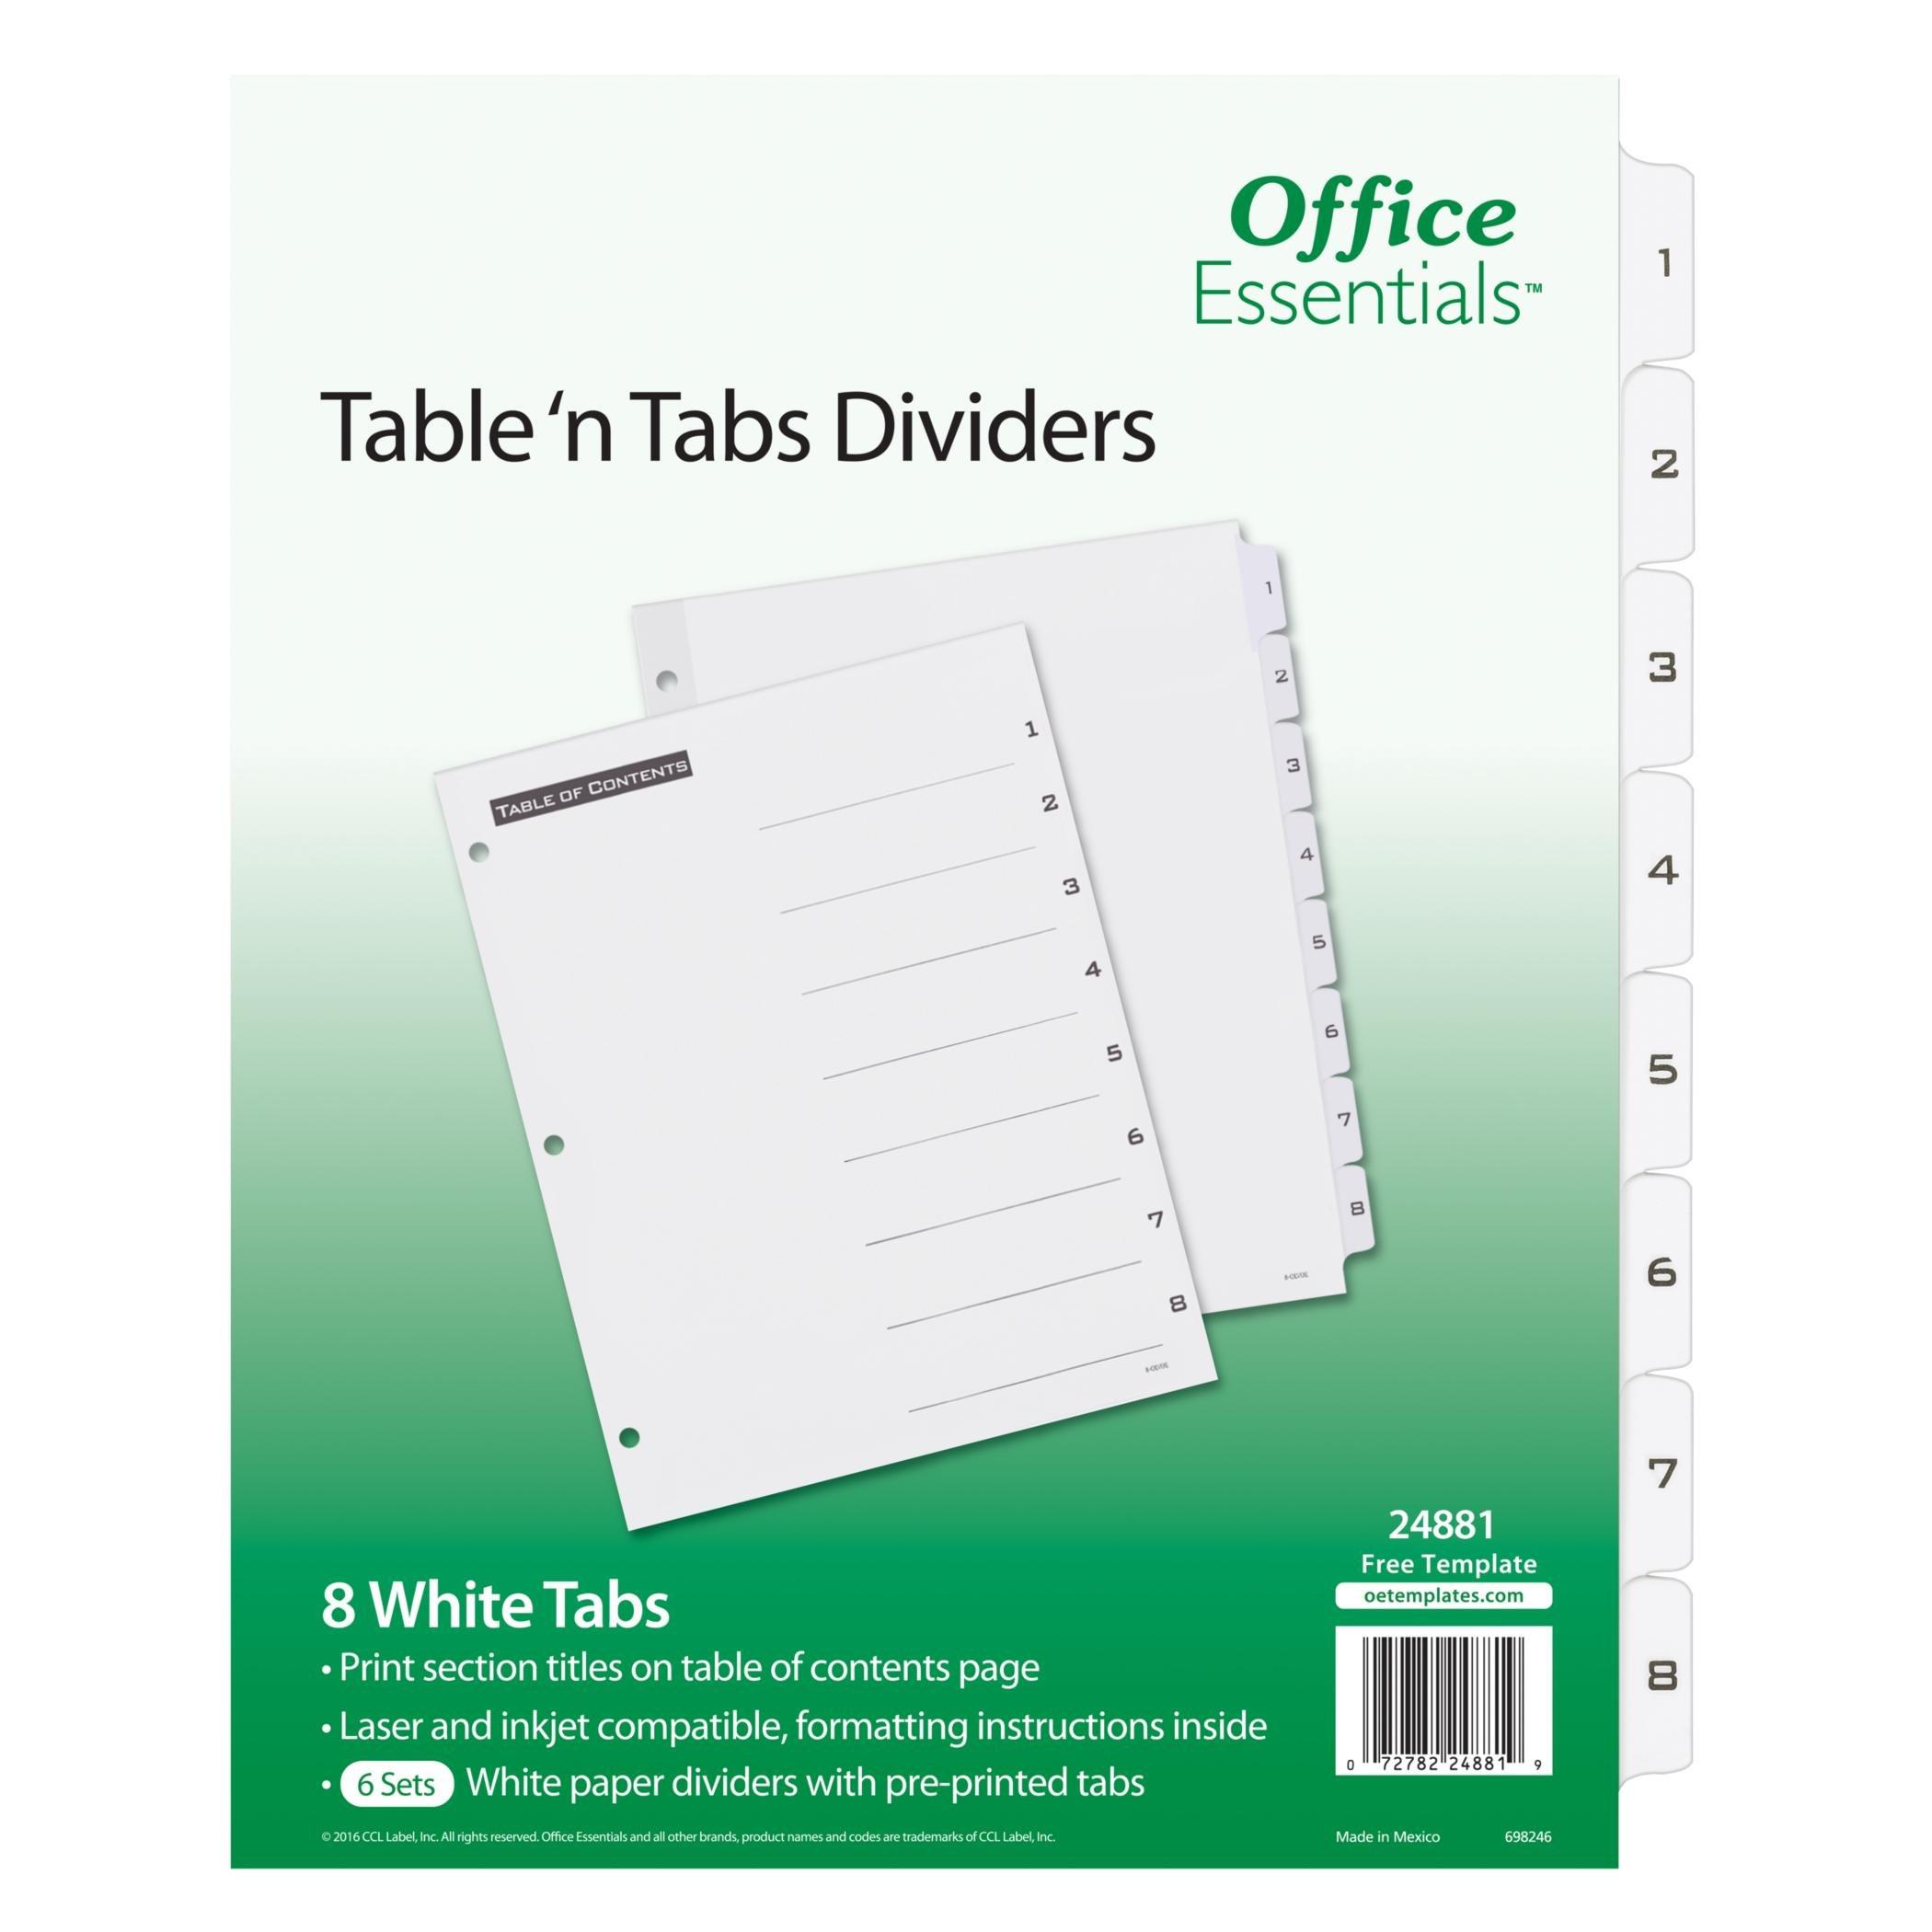 Office Essentials Table 'n Tabs Dividers, 1-8 Tab, Black/White Tab, Laser/Inkjet, 6 Pack (24881)